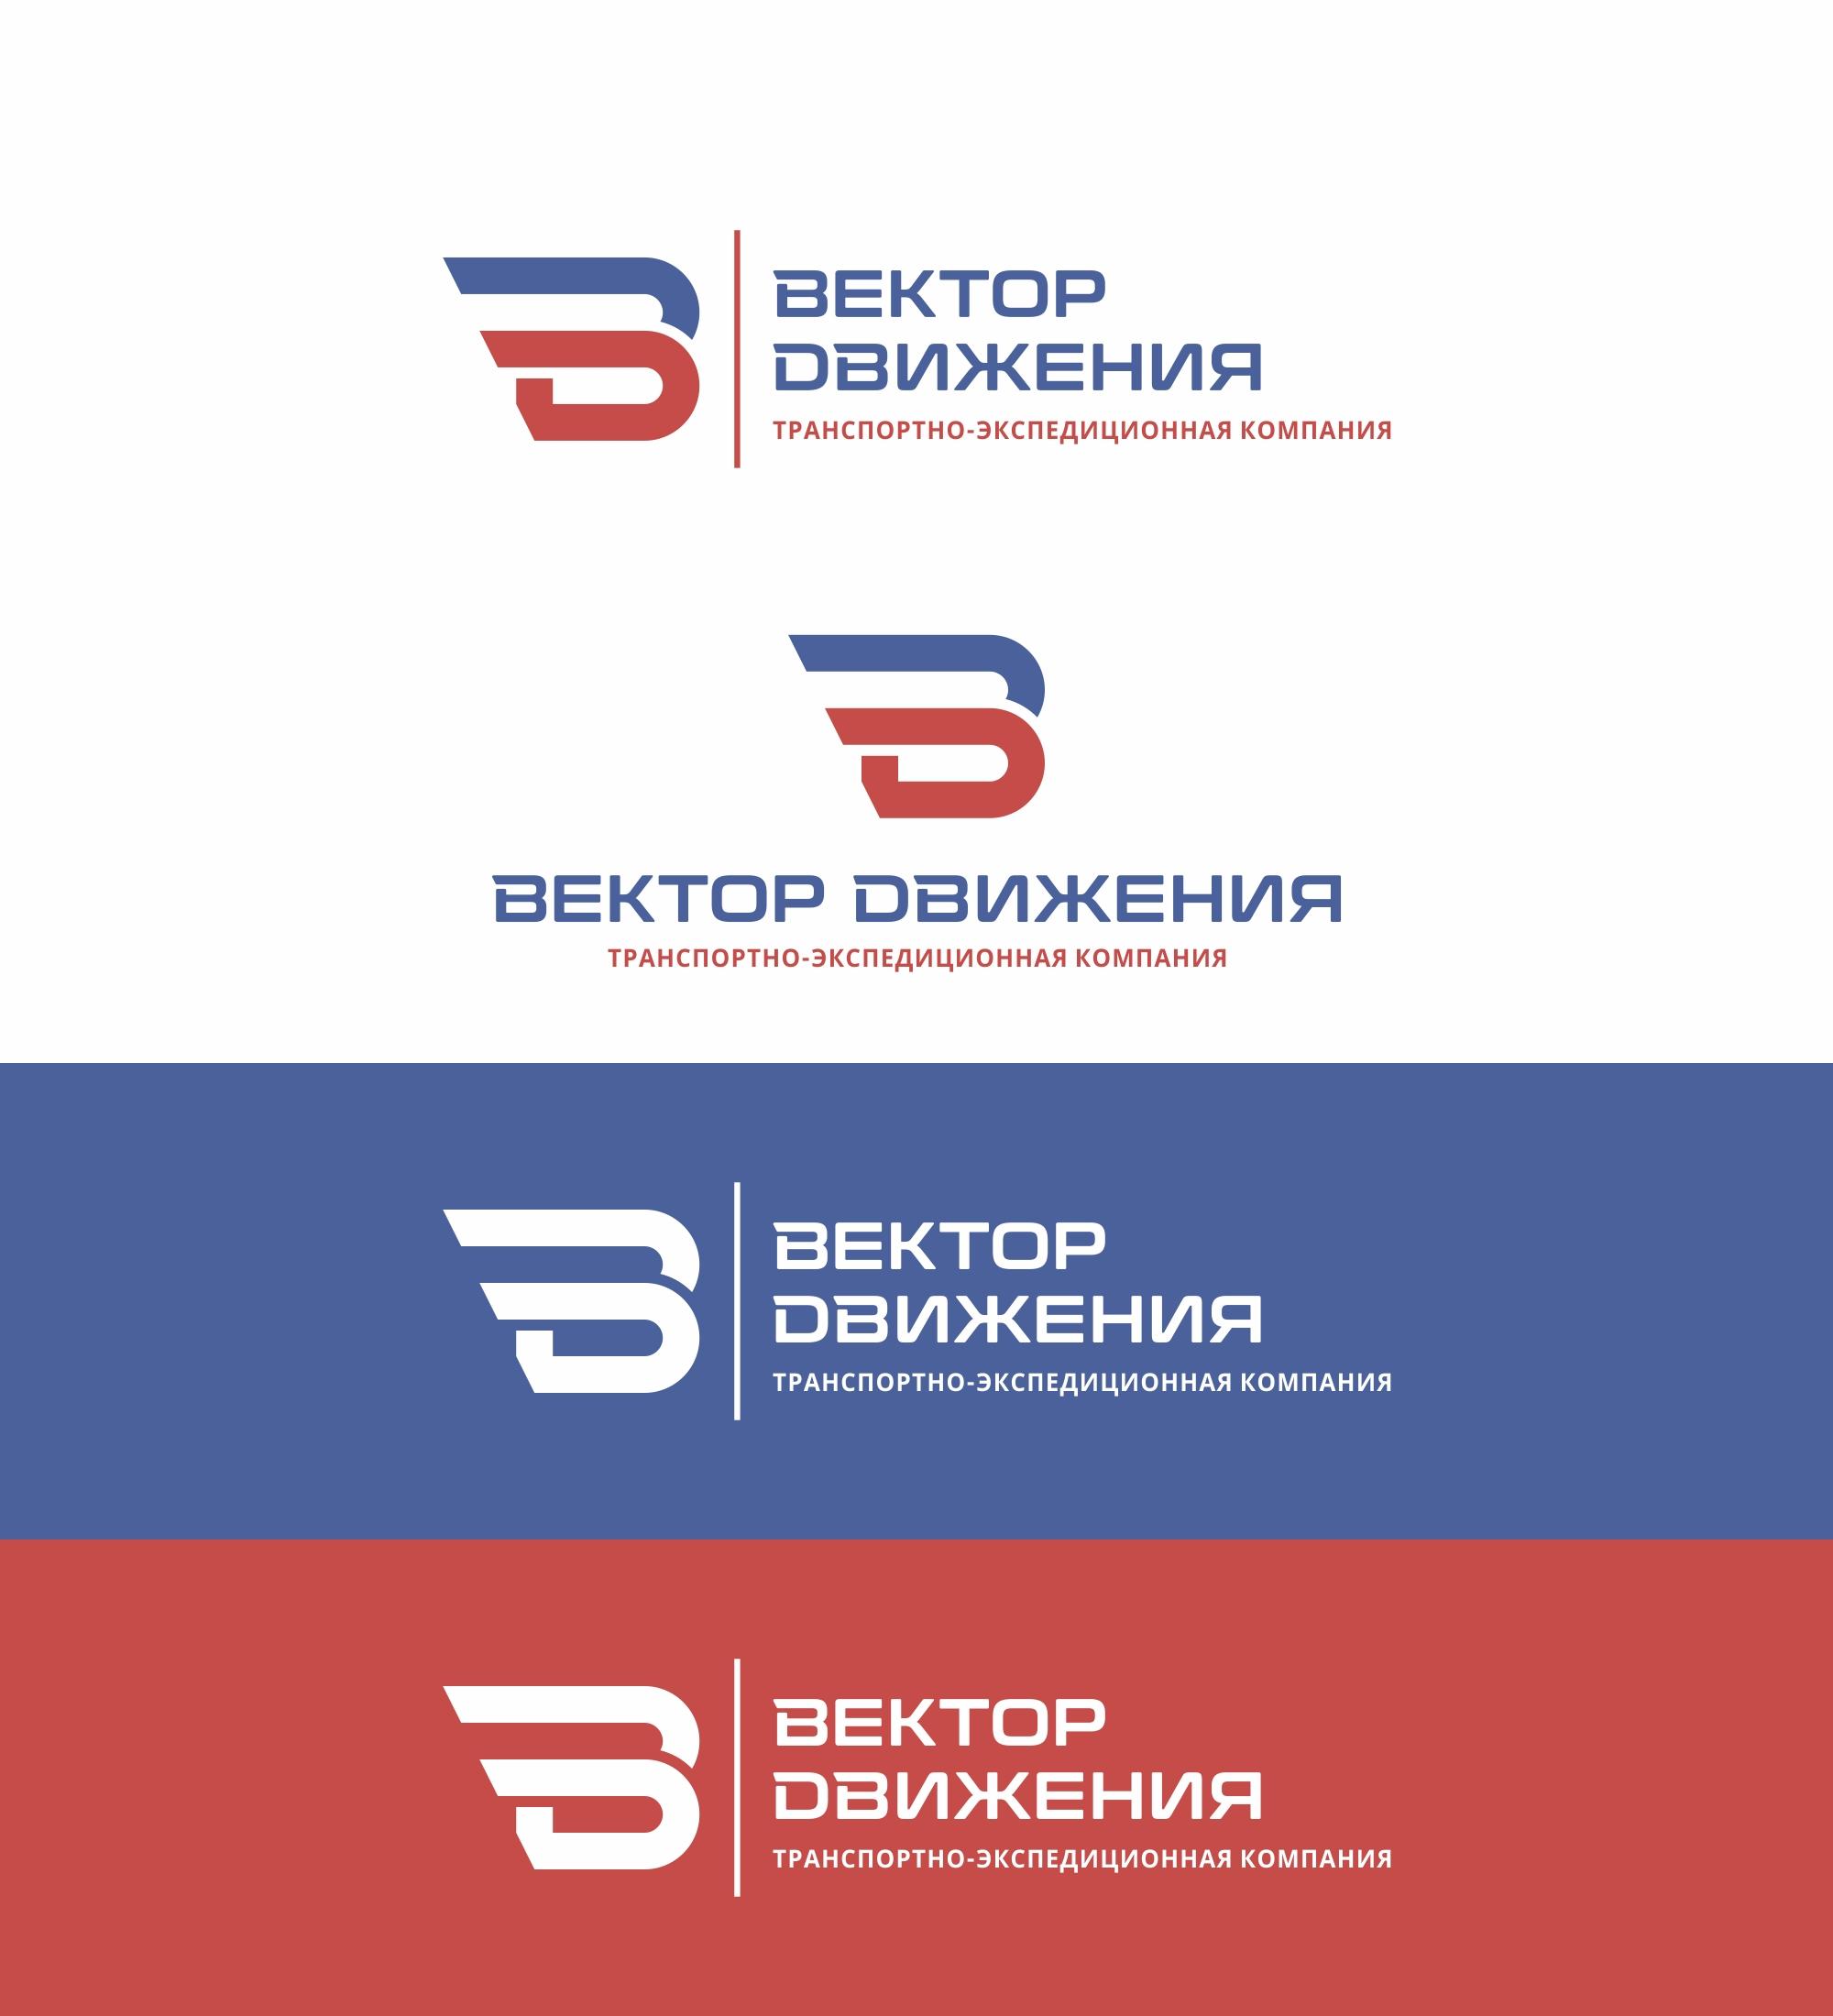 Разработка логотипа фото f_7505c3259b5da8e3.jpg